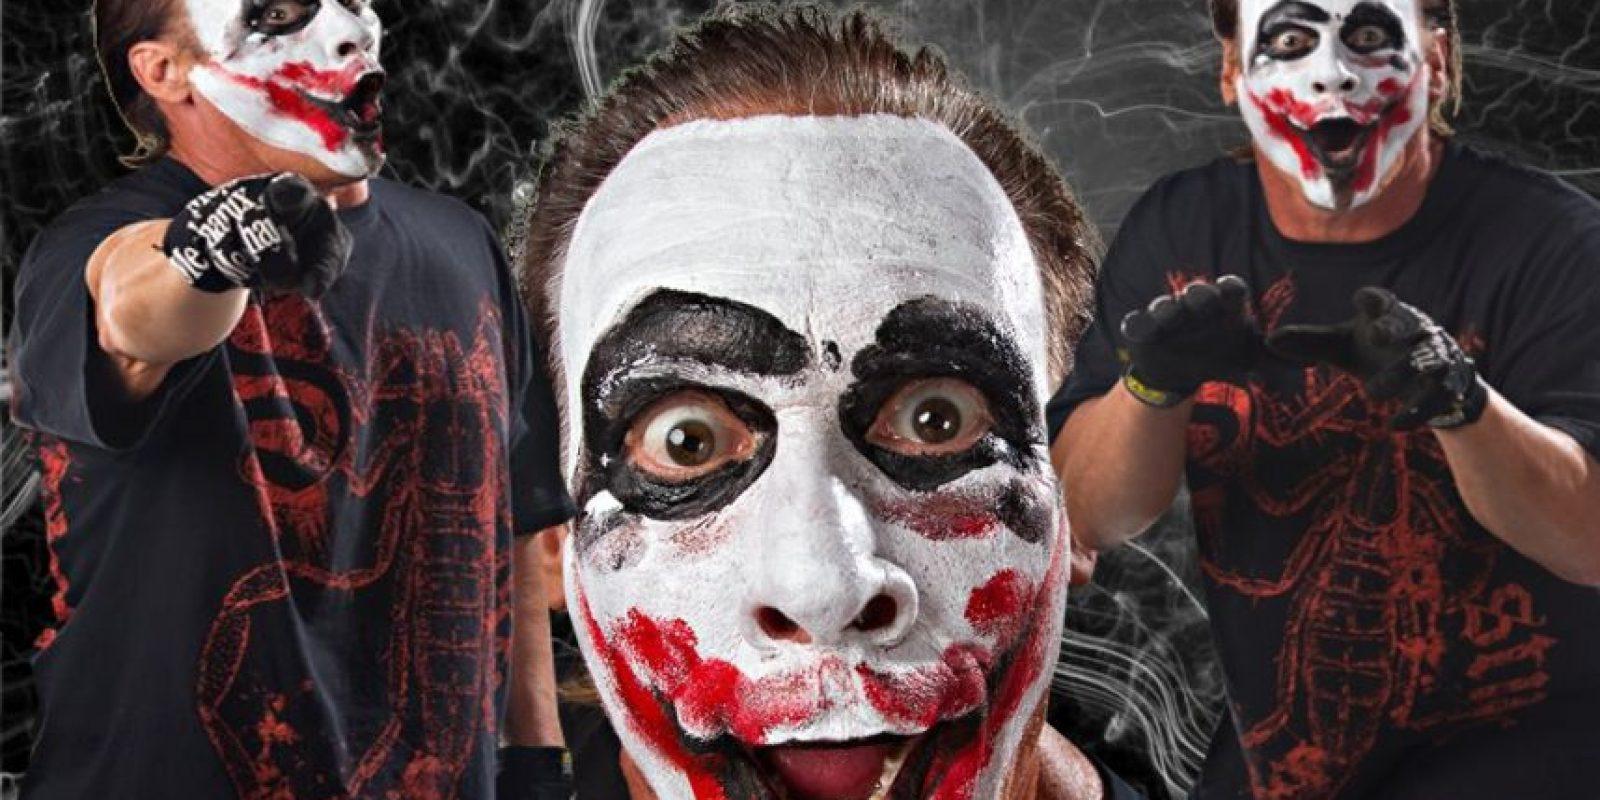 Con la cara pintada similar al villano de Batman Foto:WWE